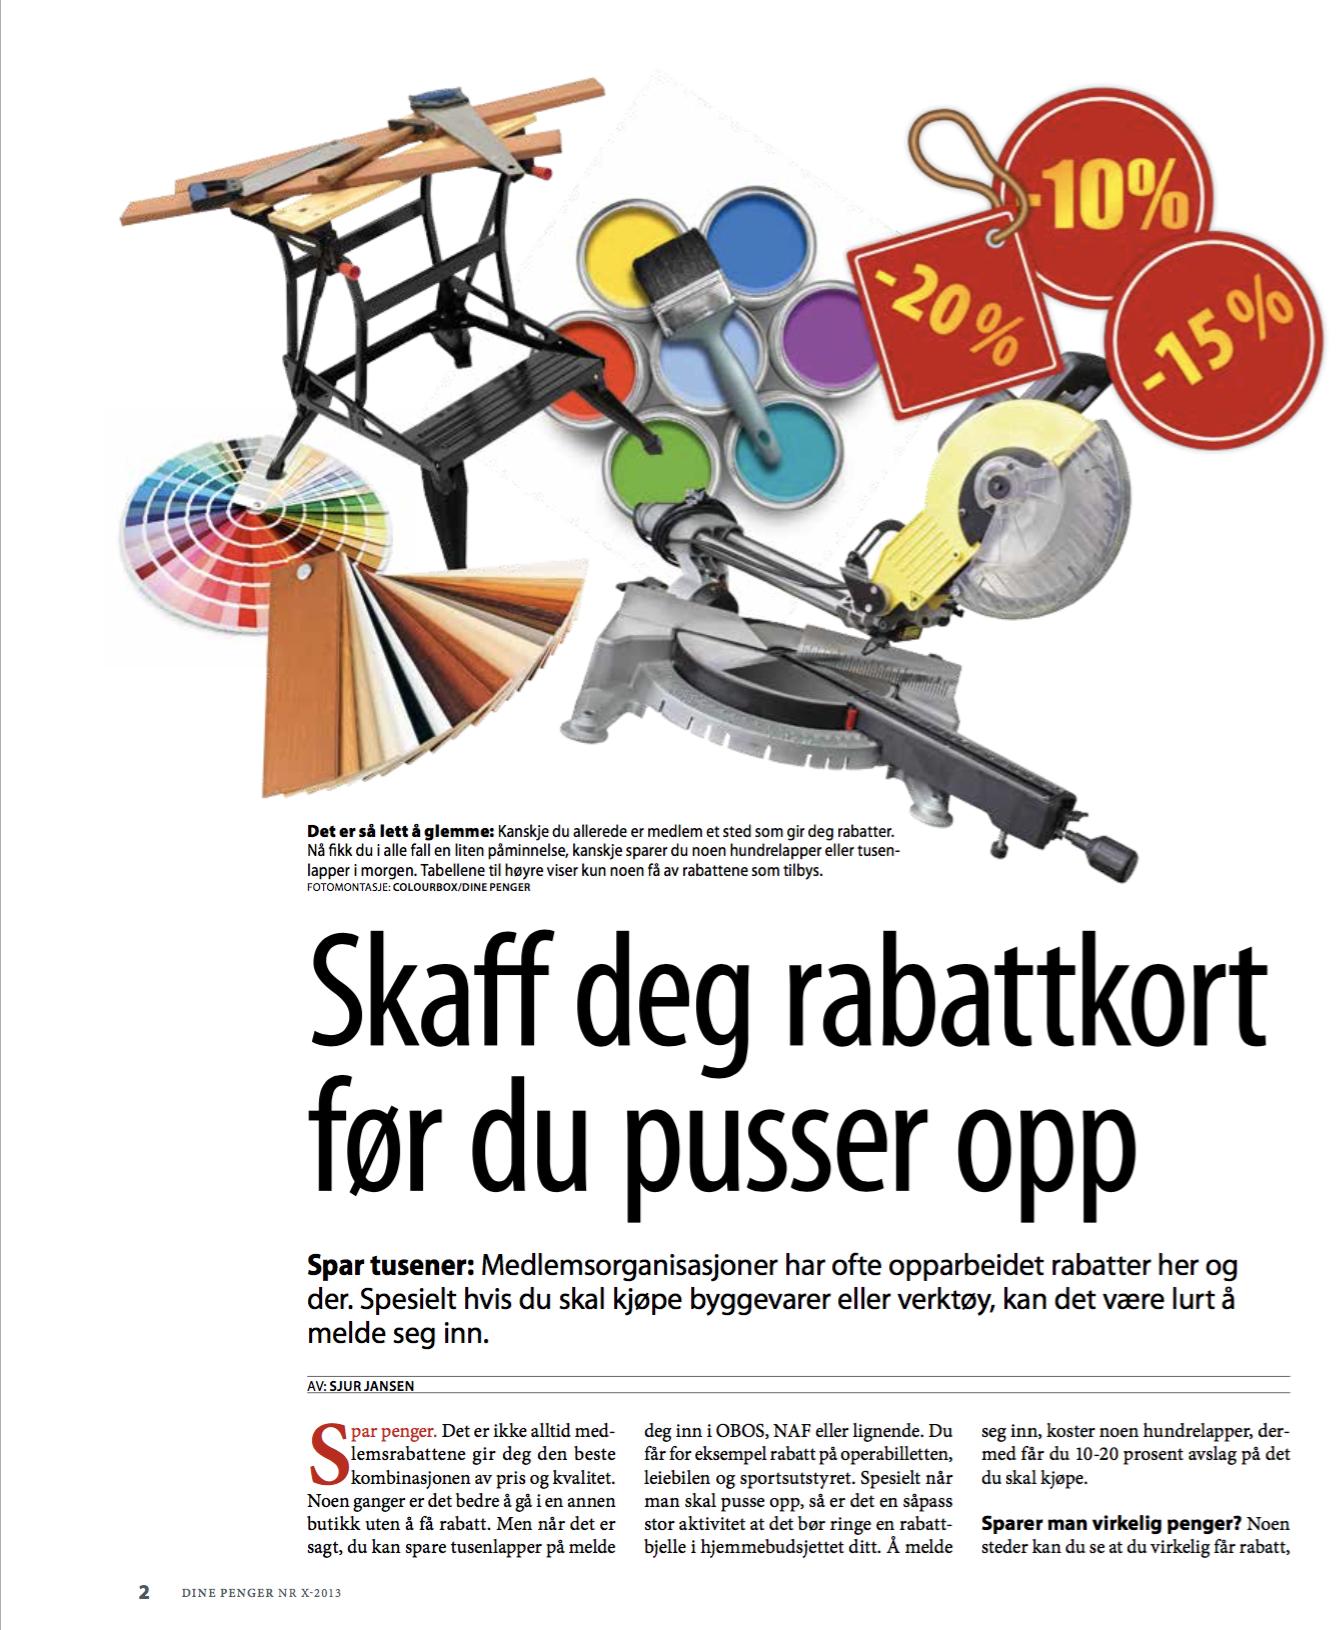 Skjermdump av artikkel skrevet av Sjur Jansen. Artikkelen handler om hvilke rabattkort man kan bruke ved oppussing.